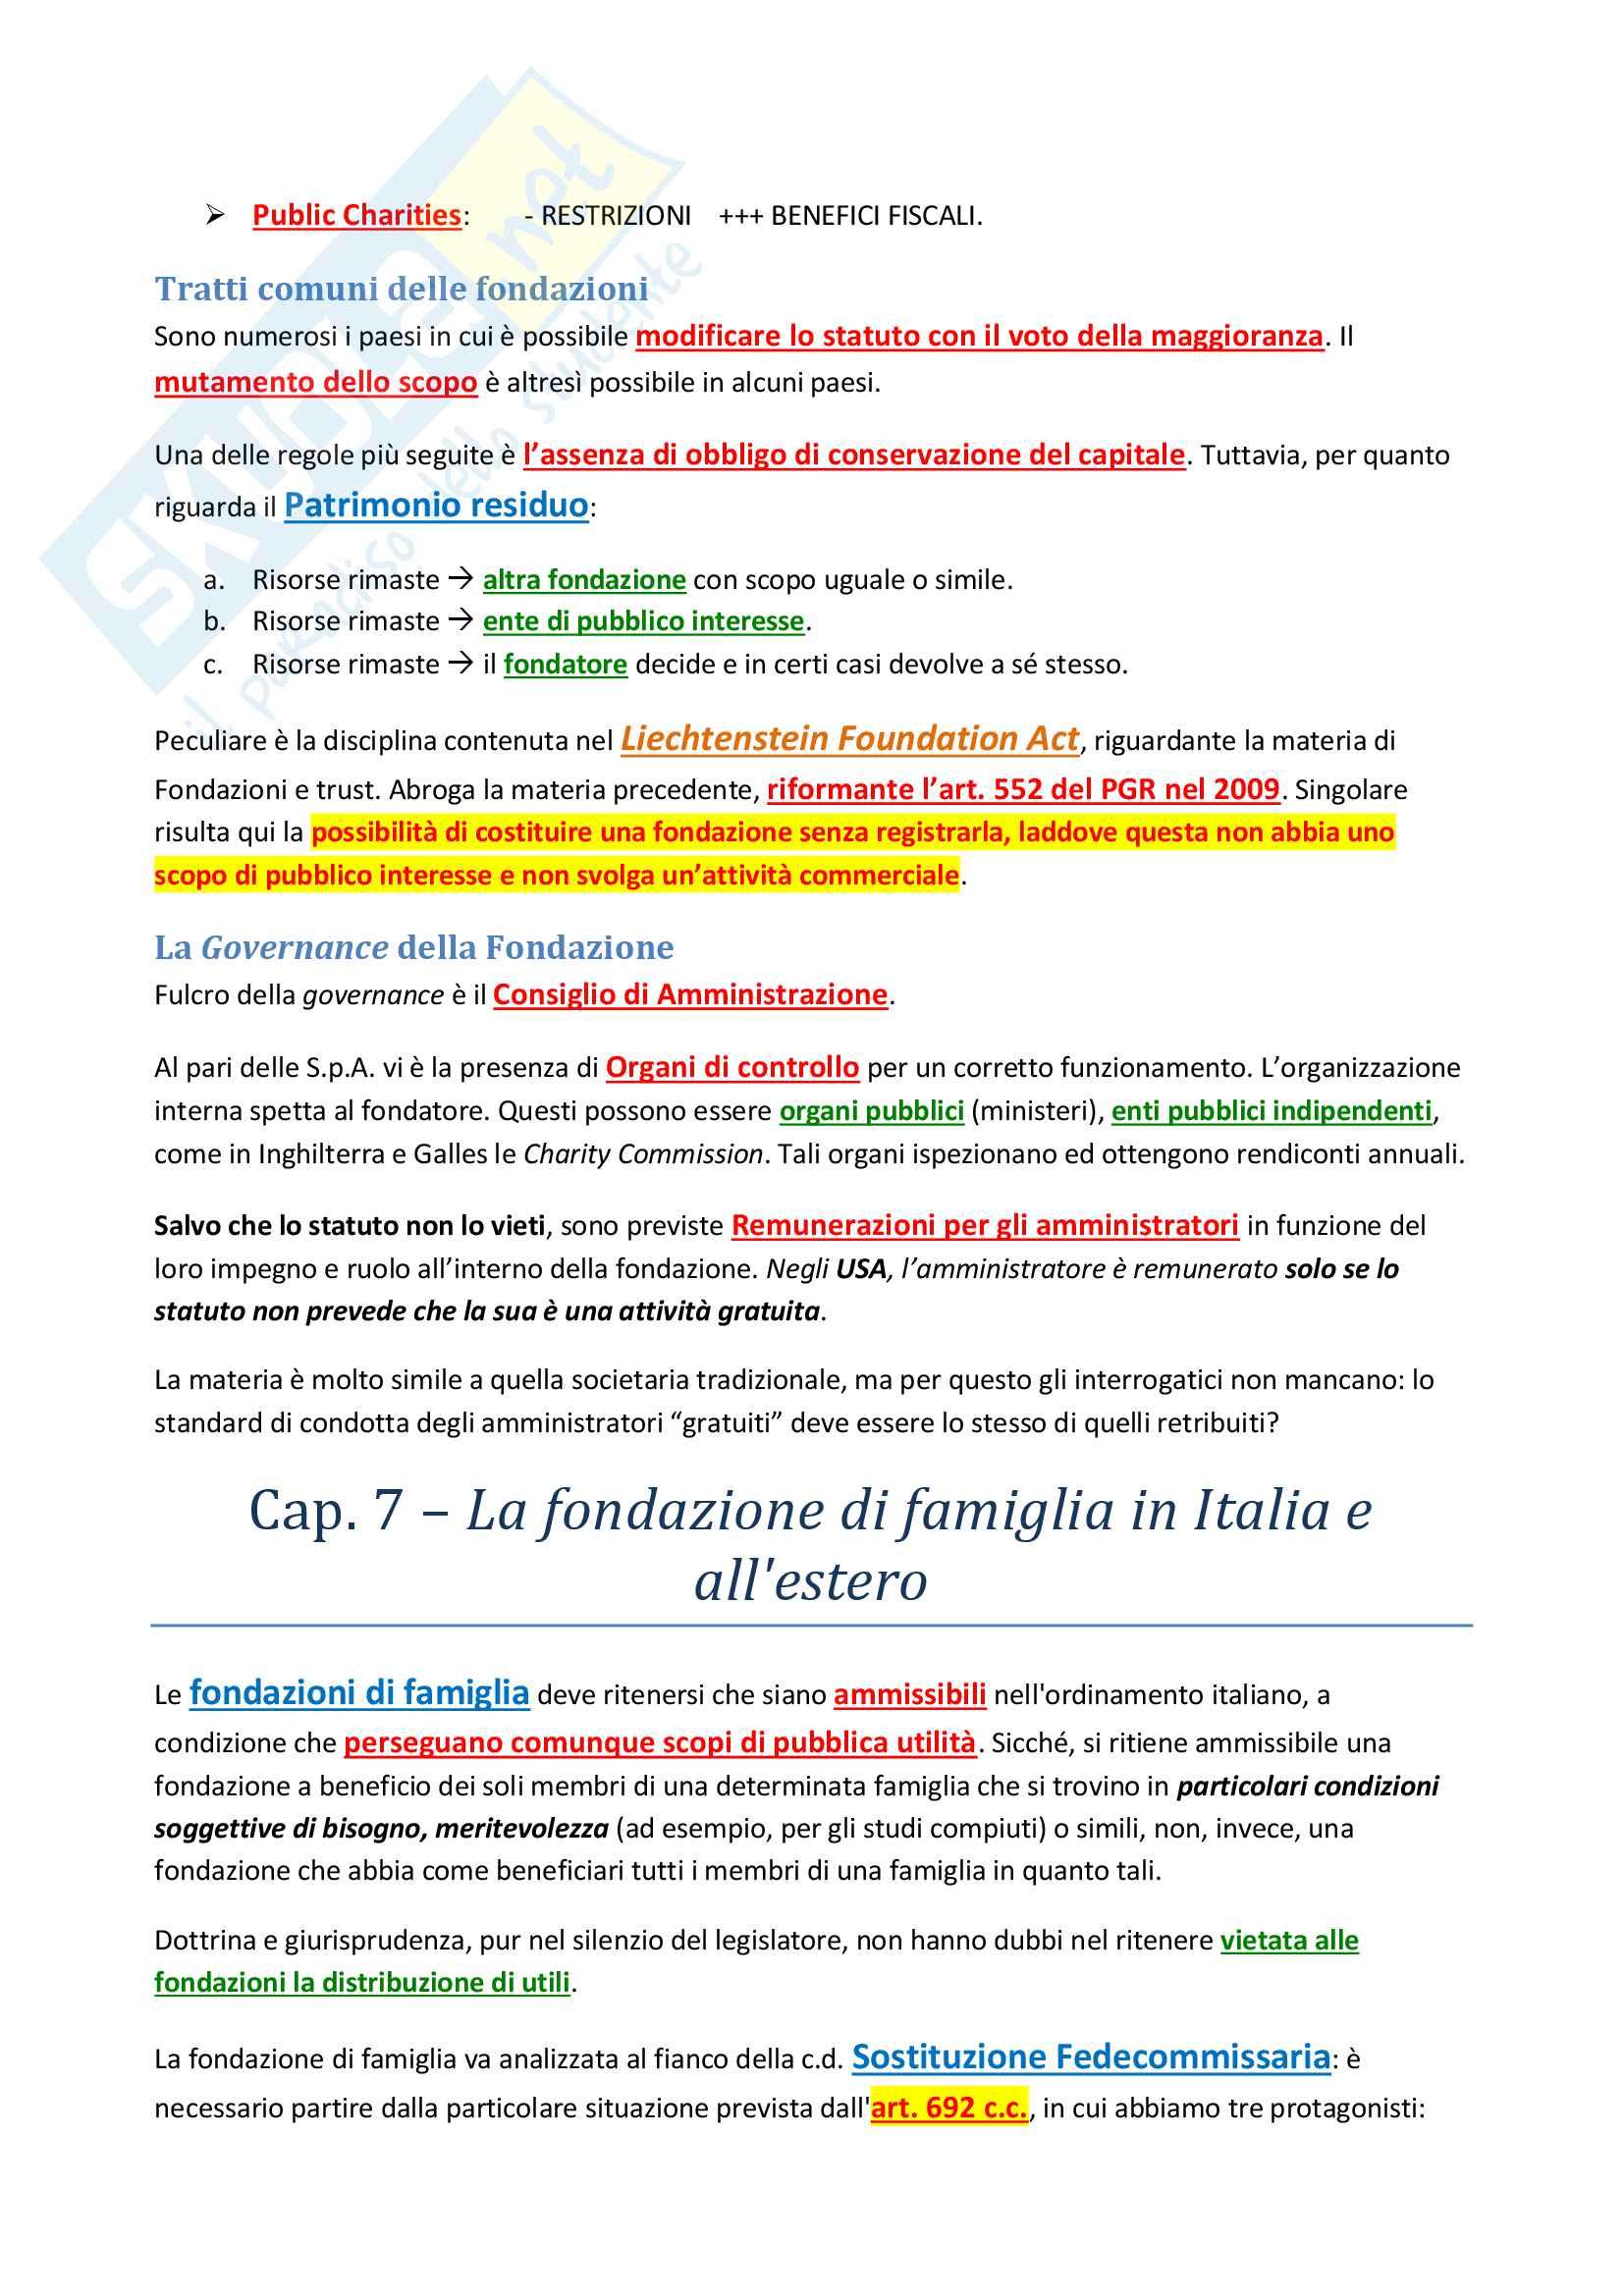 Riassunto esame Sistemi giuridici comparati - MZ - Prof. A. Fusaro, libri consigliati Gambaro, Sacco, e Tendenze del diritto privato in prospettiva comparatistica, Saggi Pag. 56